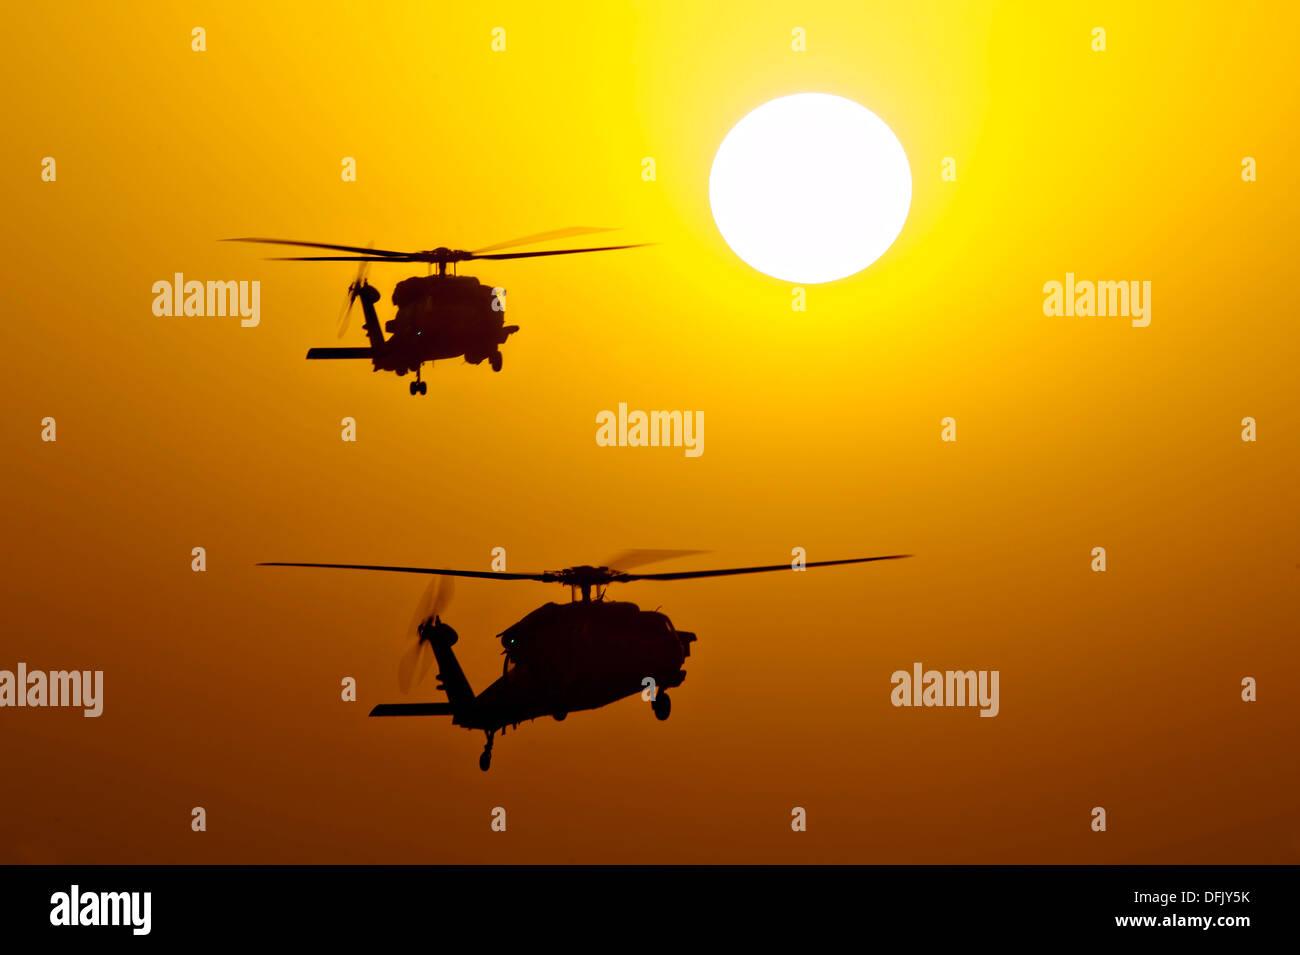 US Navy MH-60S Knighthawk helicópteros son recortadas por el sol, ya que patrullaban cerca del portaaviones USS Harry S. Truman operando el 3 de octubre de 2013 en el Golfo de Omán. Imagen De Stock